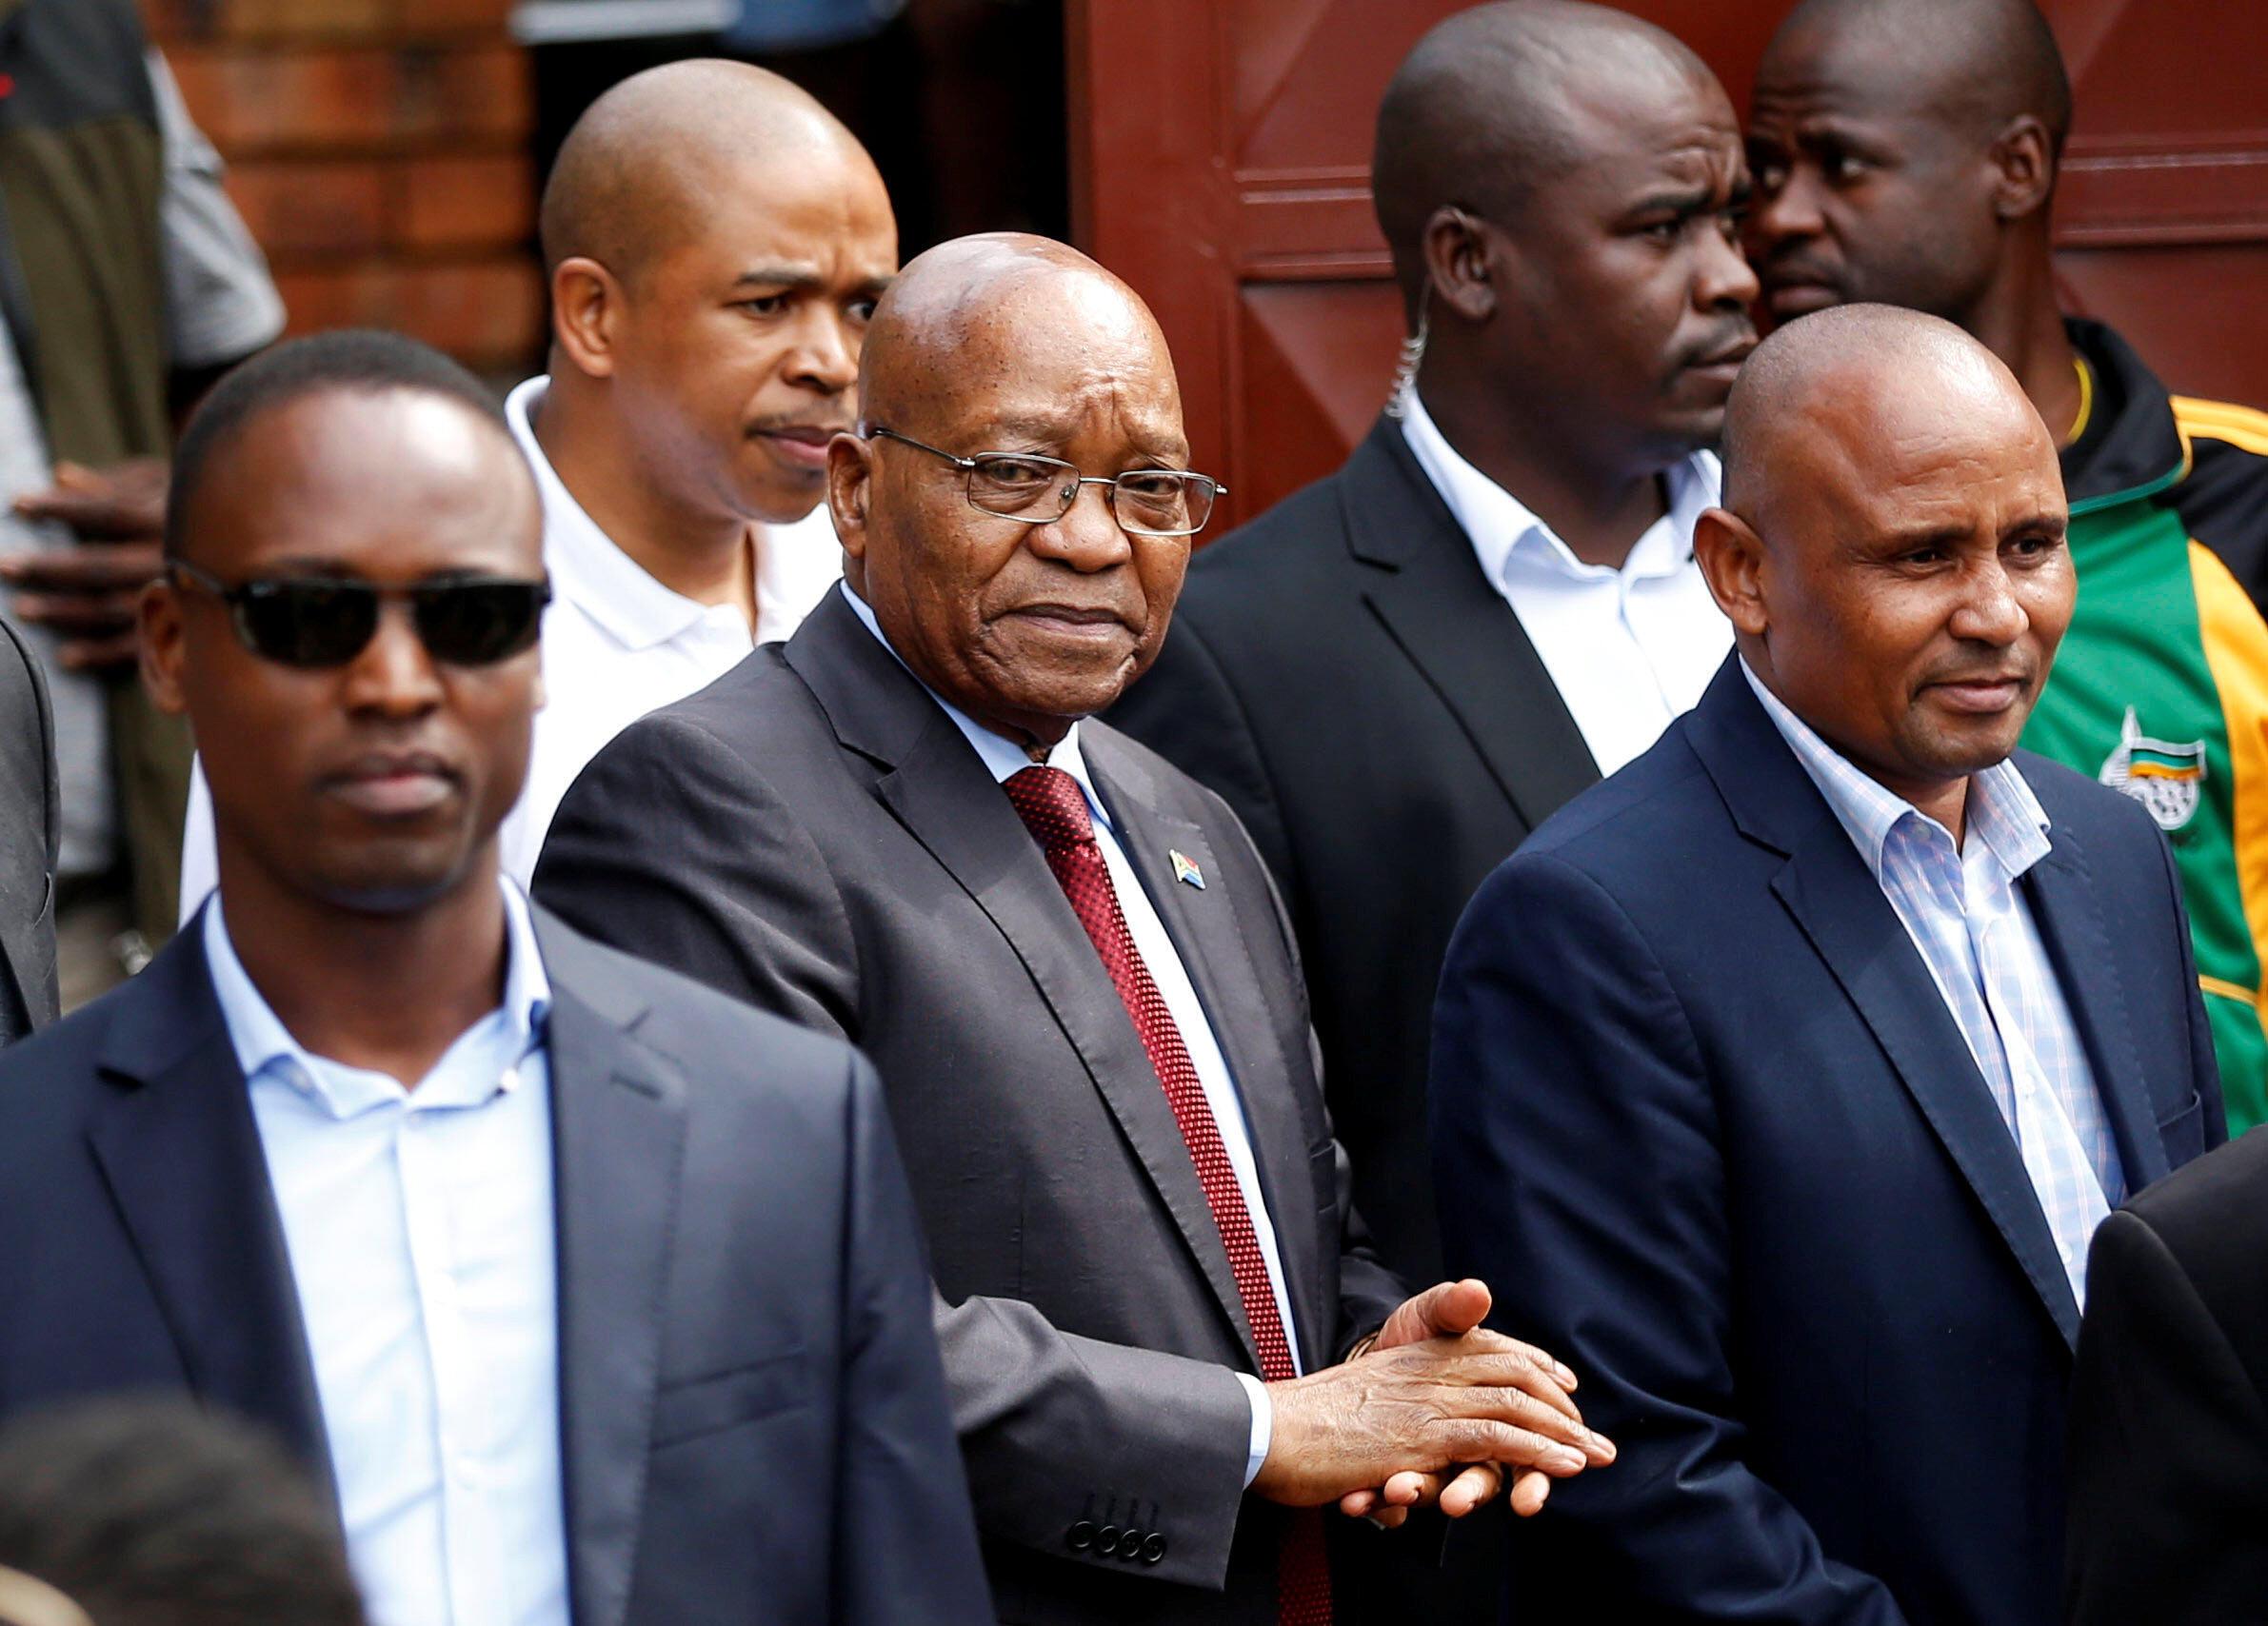 (Photo d'illustration) L'ex-président sud-africain Jacob Zuma à son arrivée au domicile de Winnie Mandela à Soweto, le 4 avril 2018.